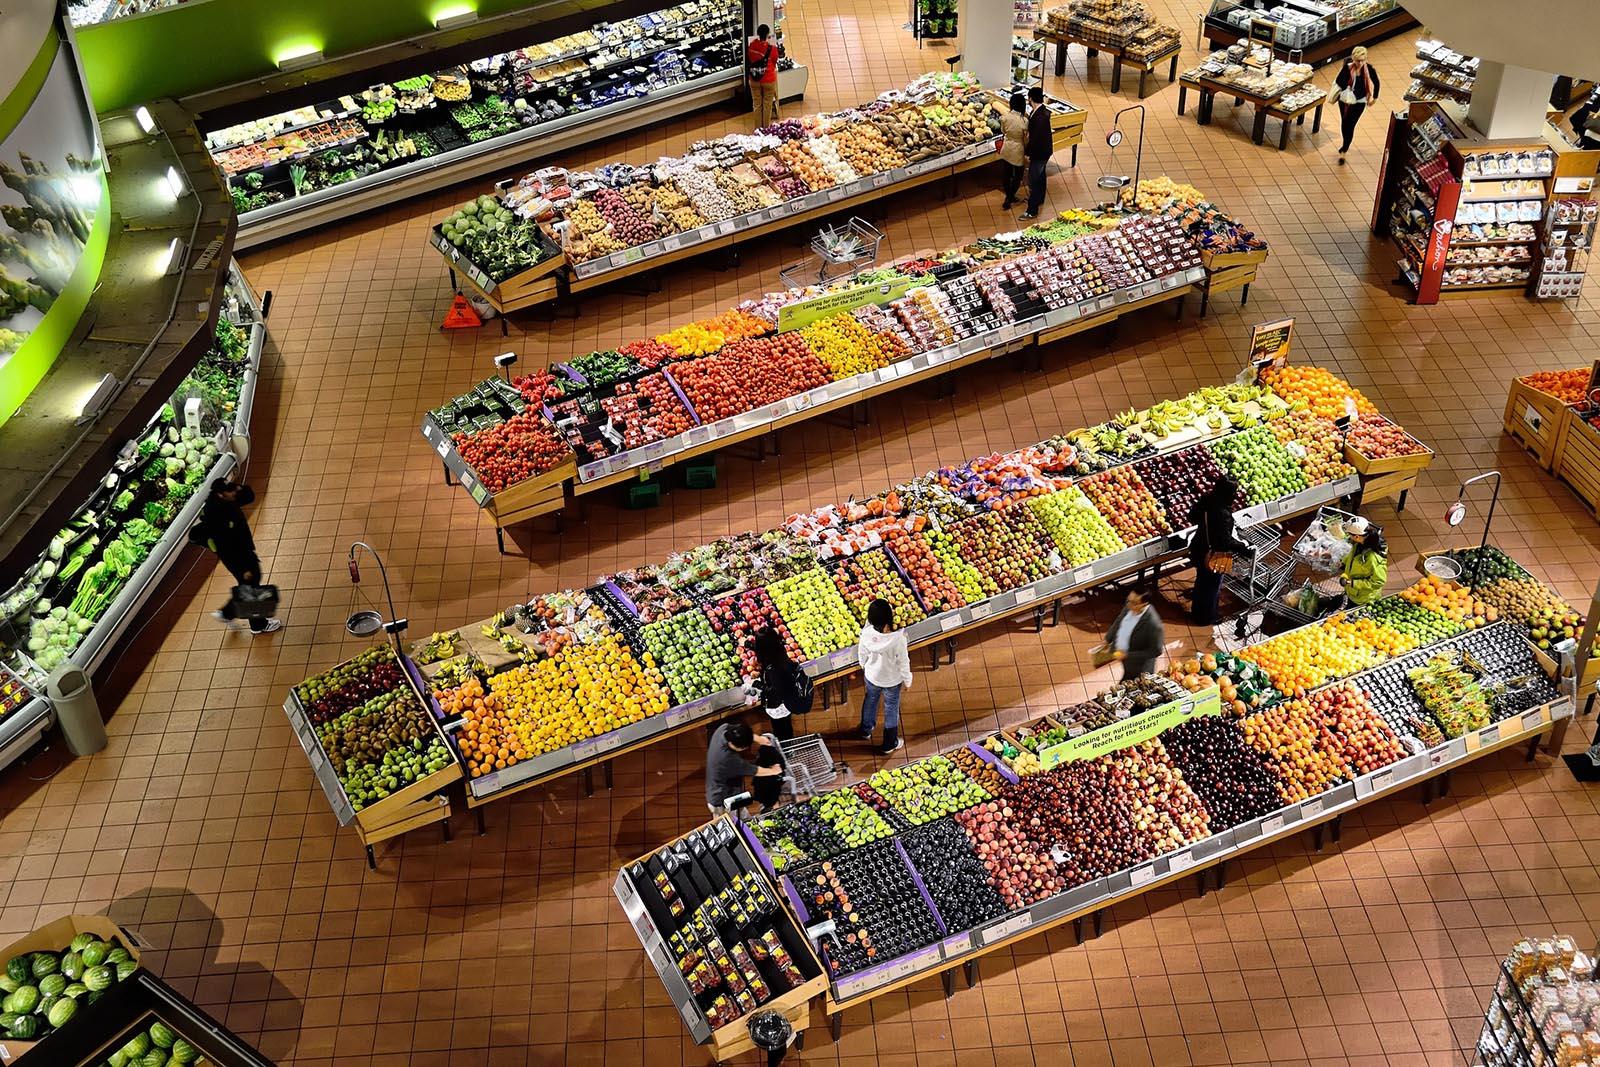 Vegan einkaufen: Hier können Sie vegane Lebensmittel kaufen